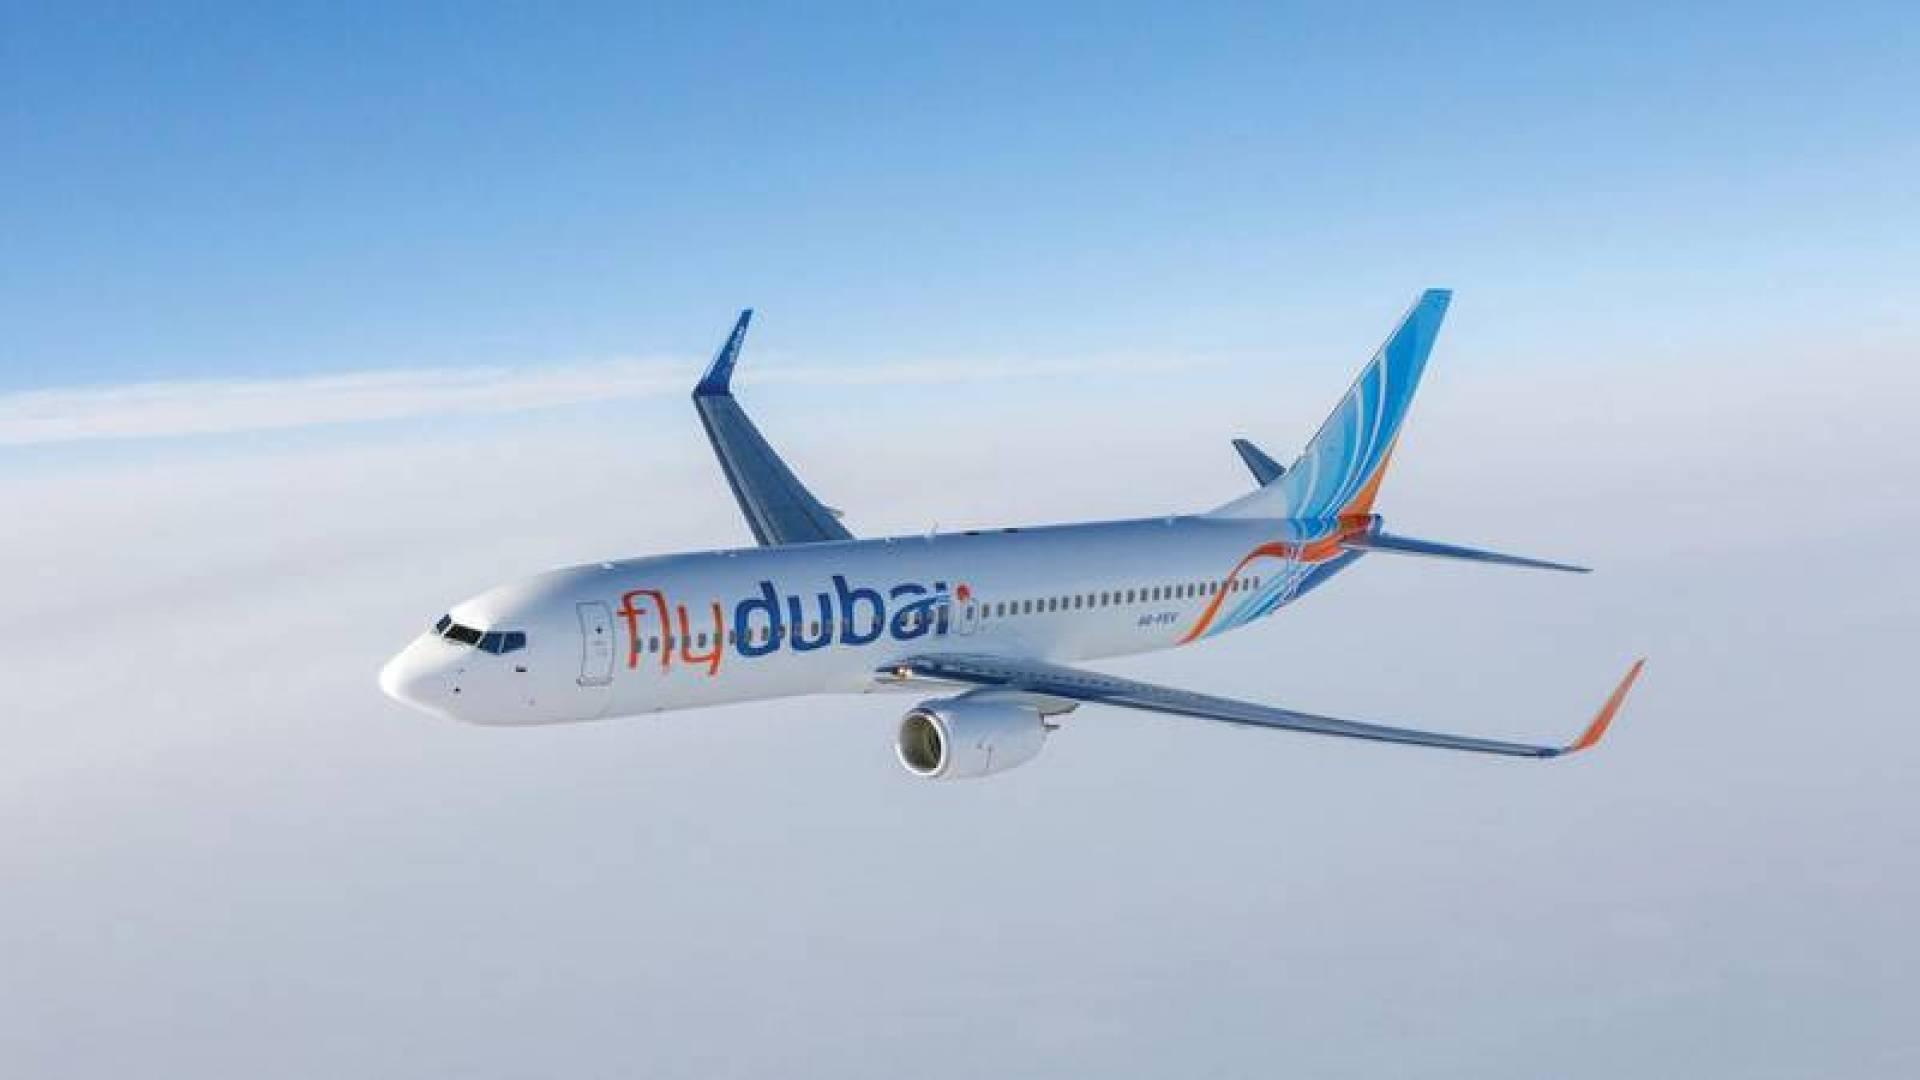 فلاي دبي تتيح حجز الرحلات المنتظمة اعتباراً من 5 يونيو